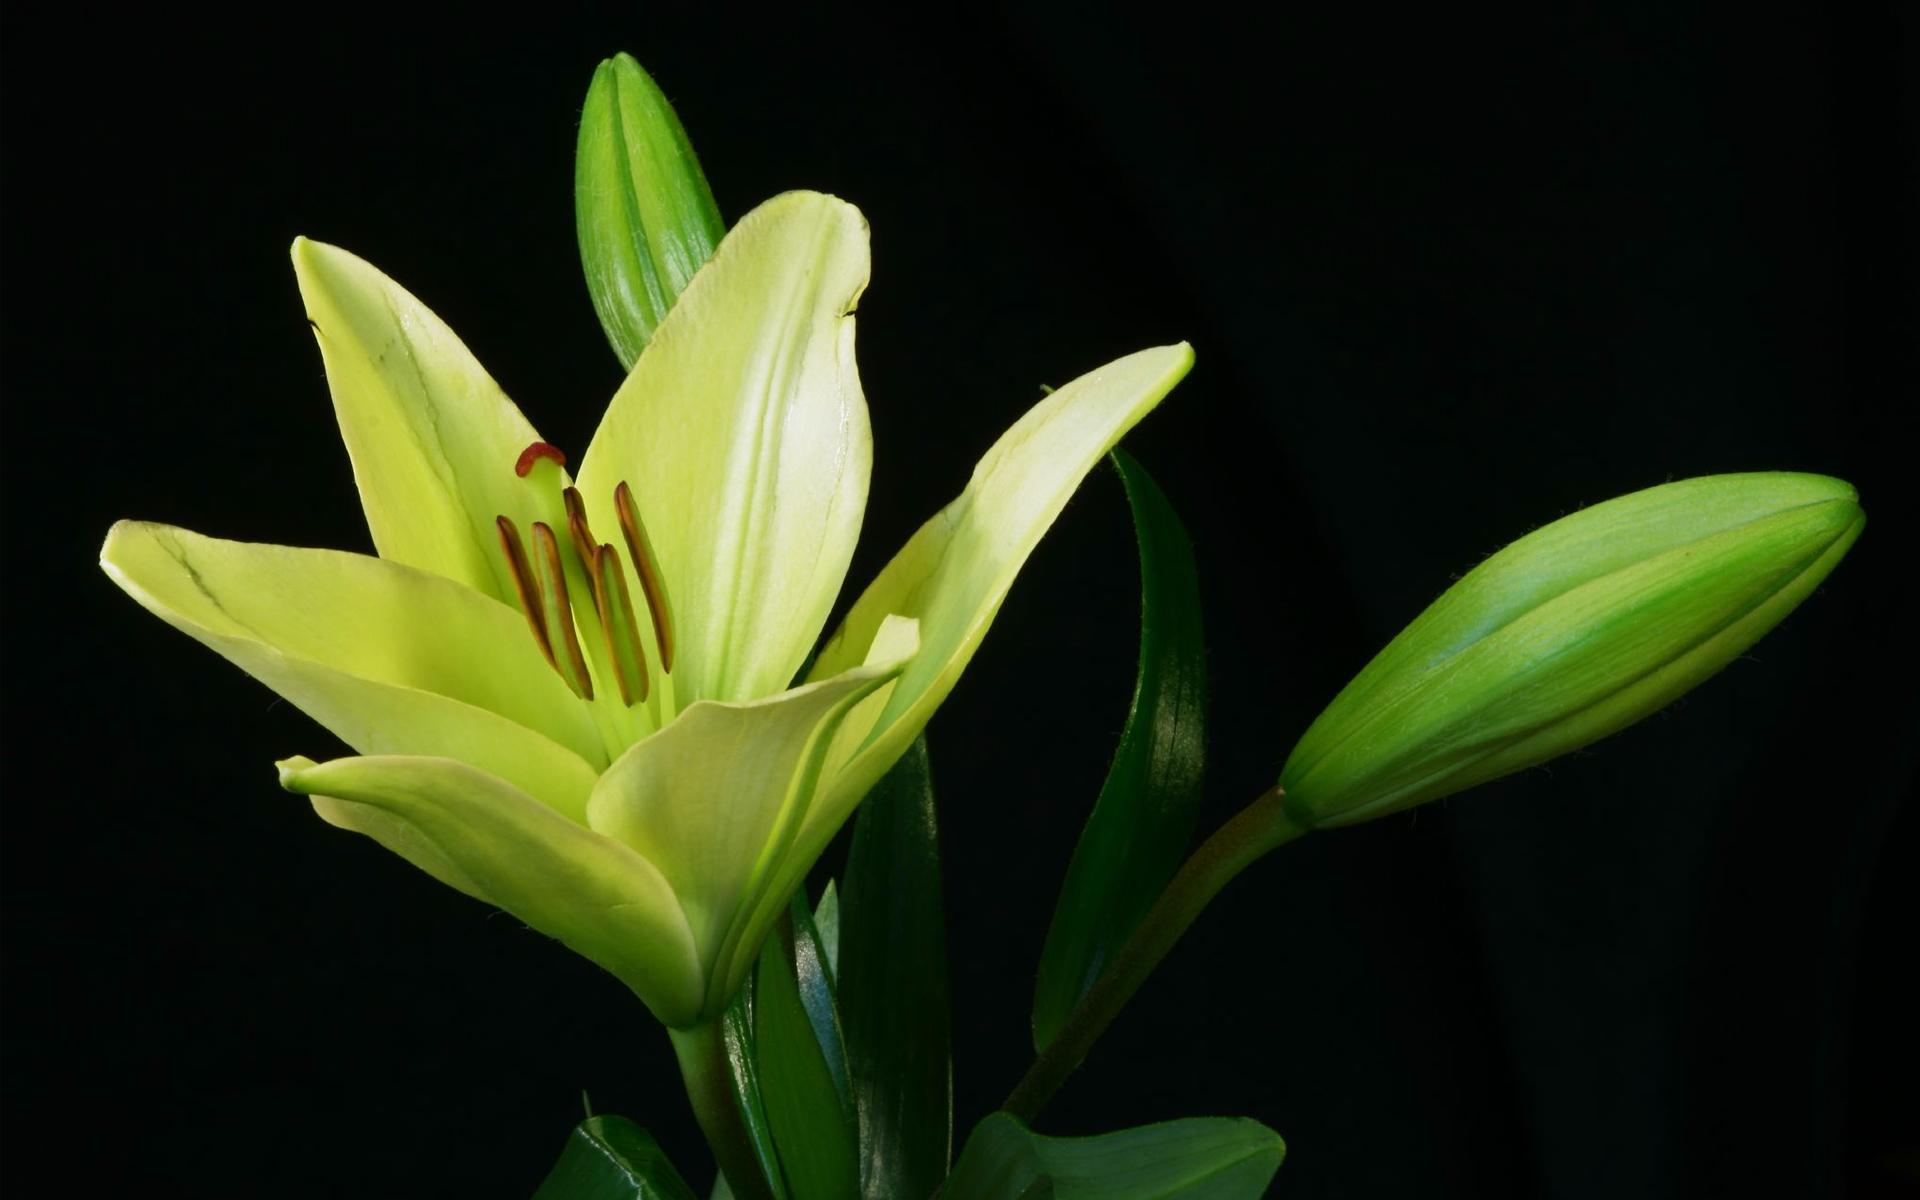 green flower A2